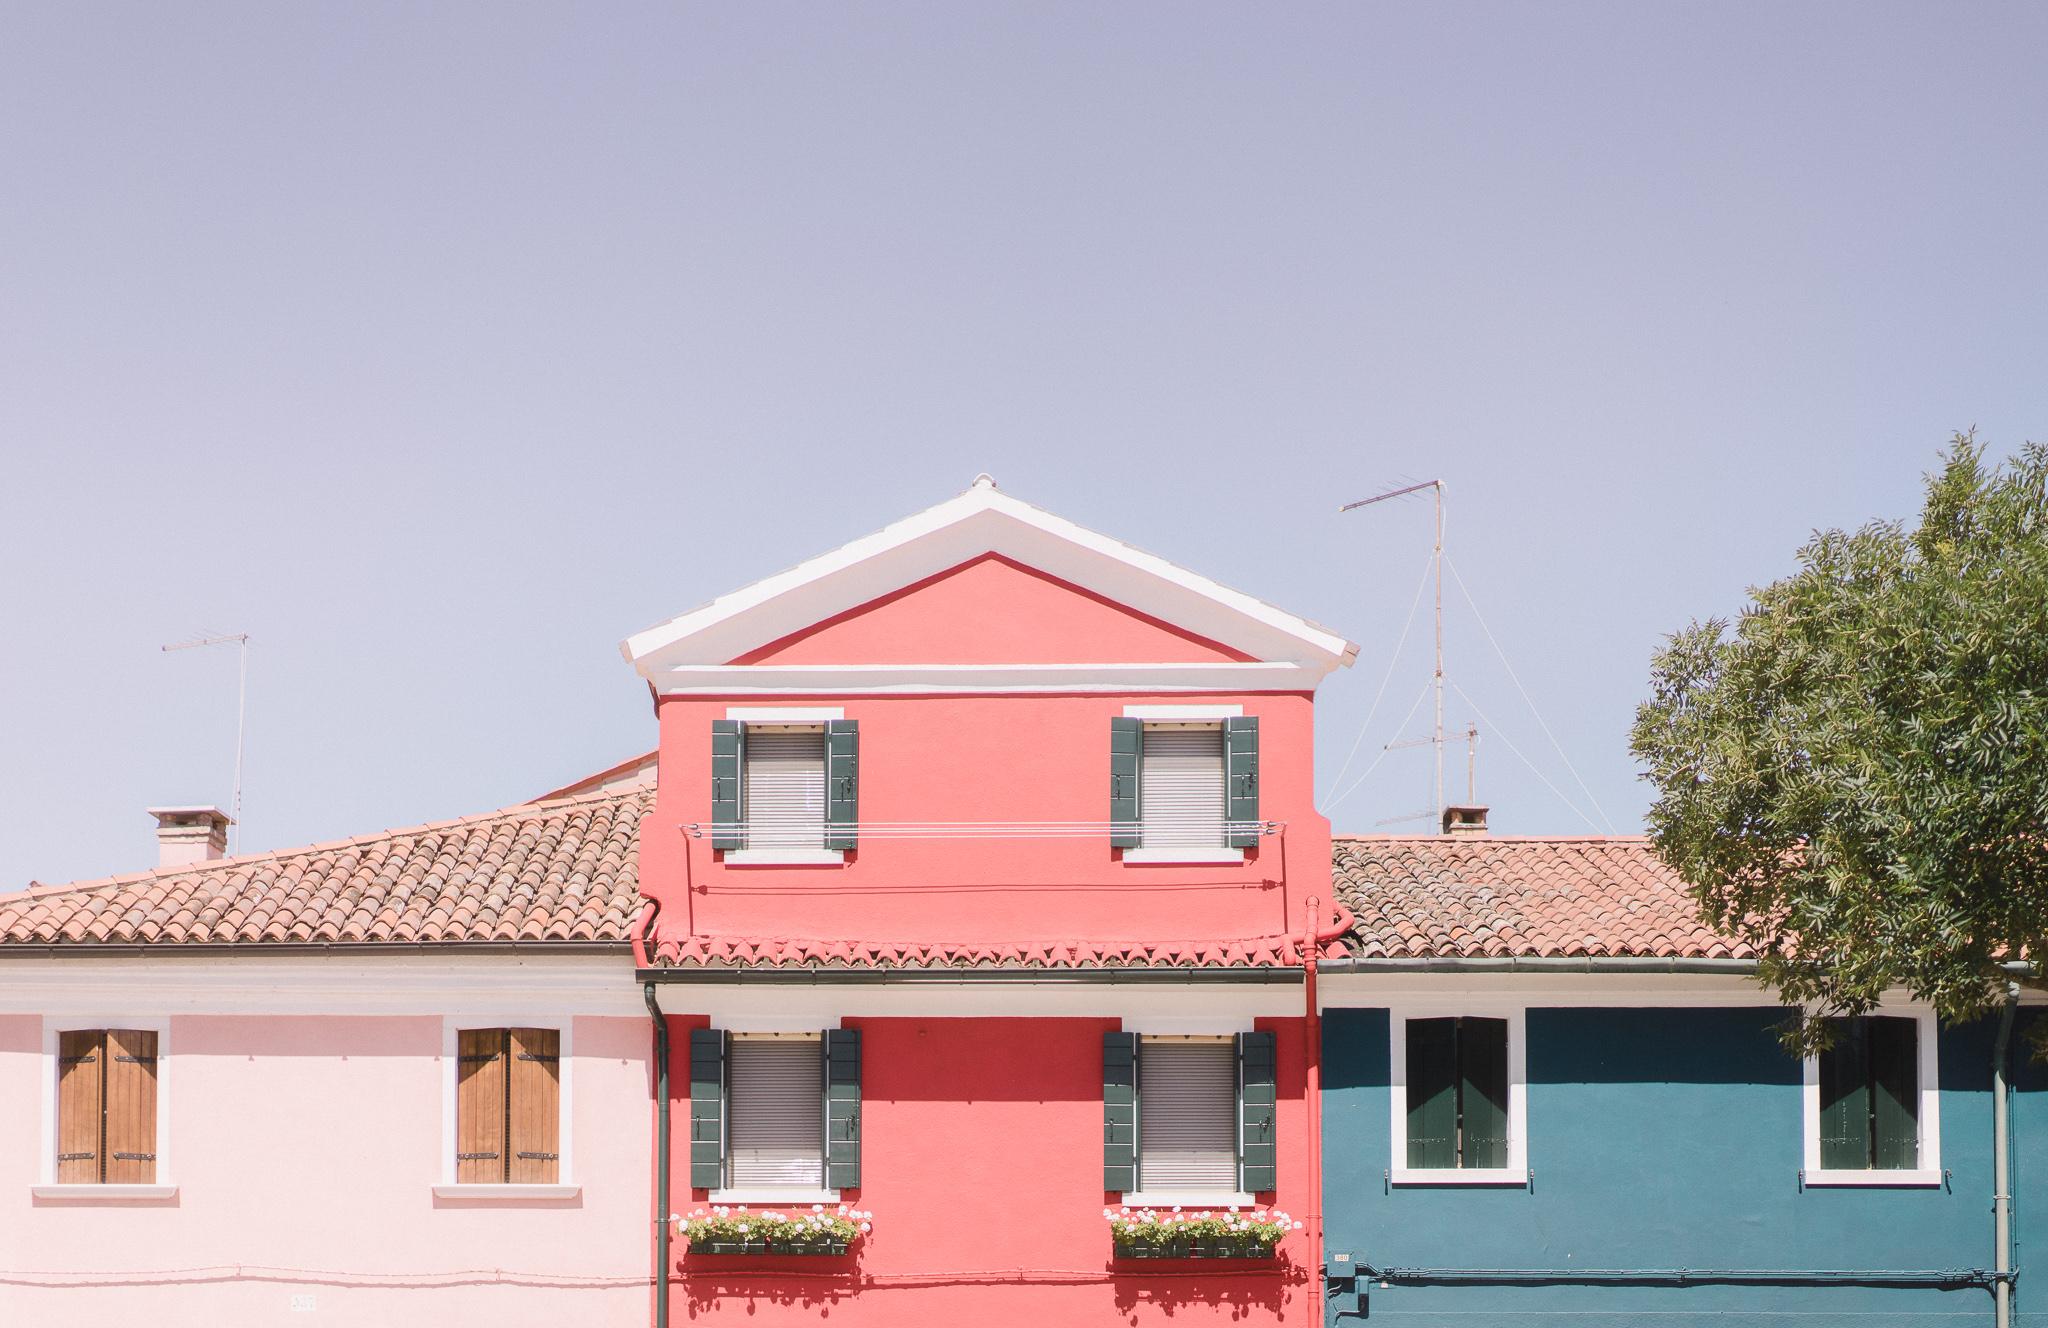 Venice-Burano-Italy-26.jpg